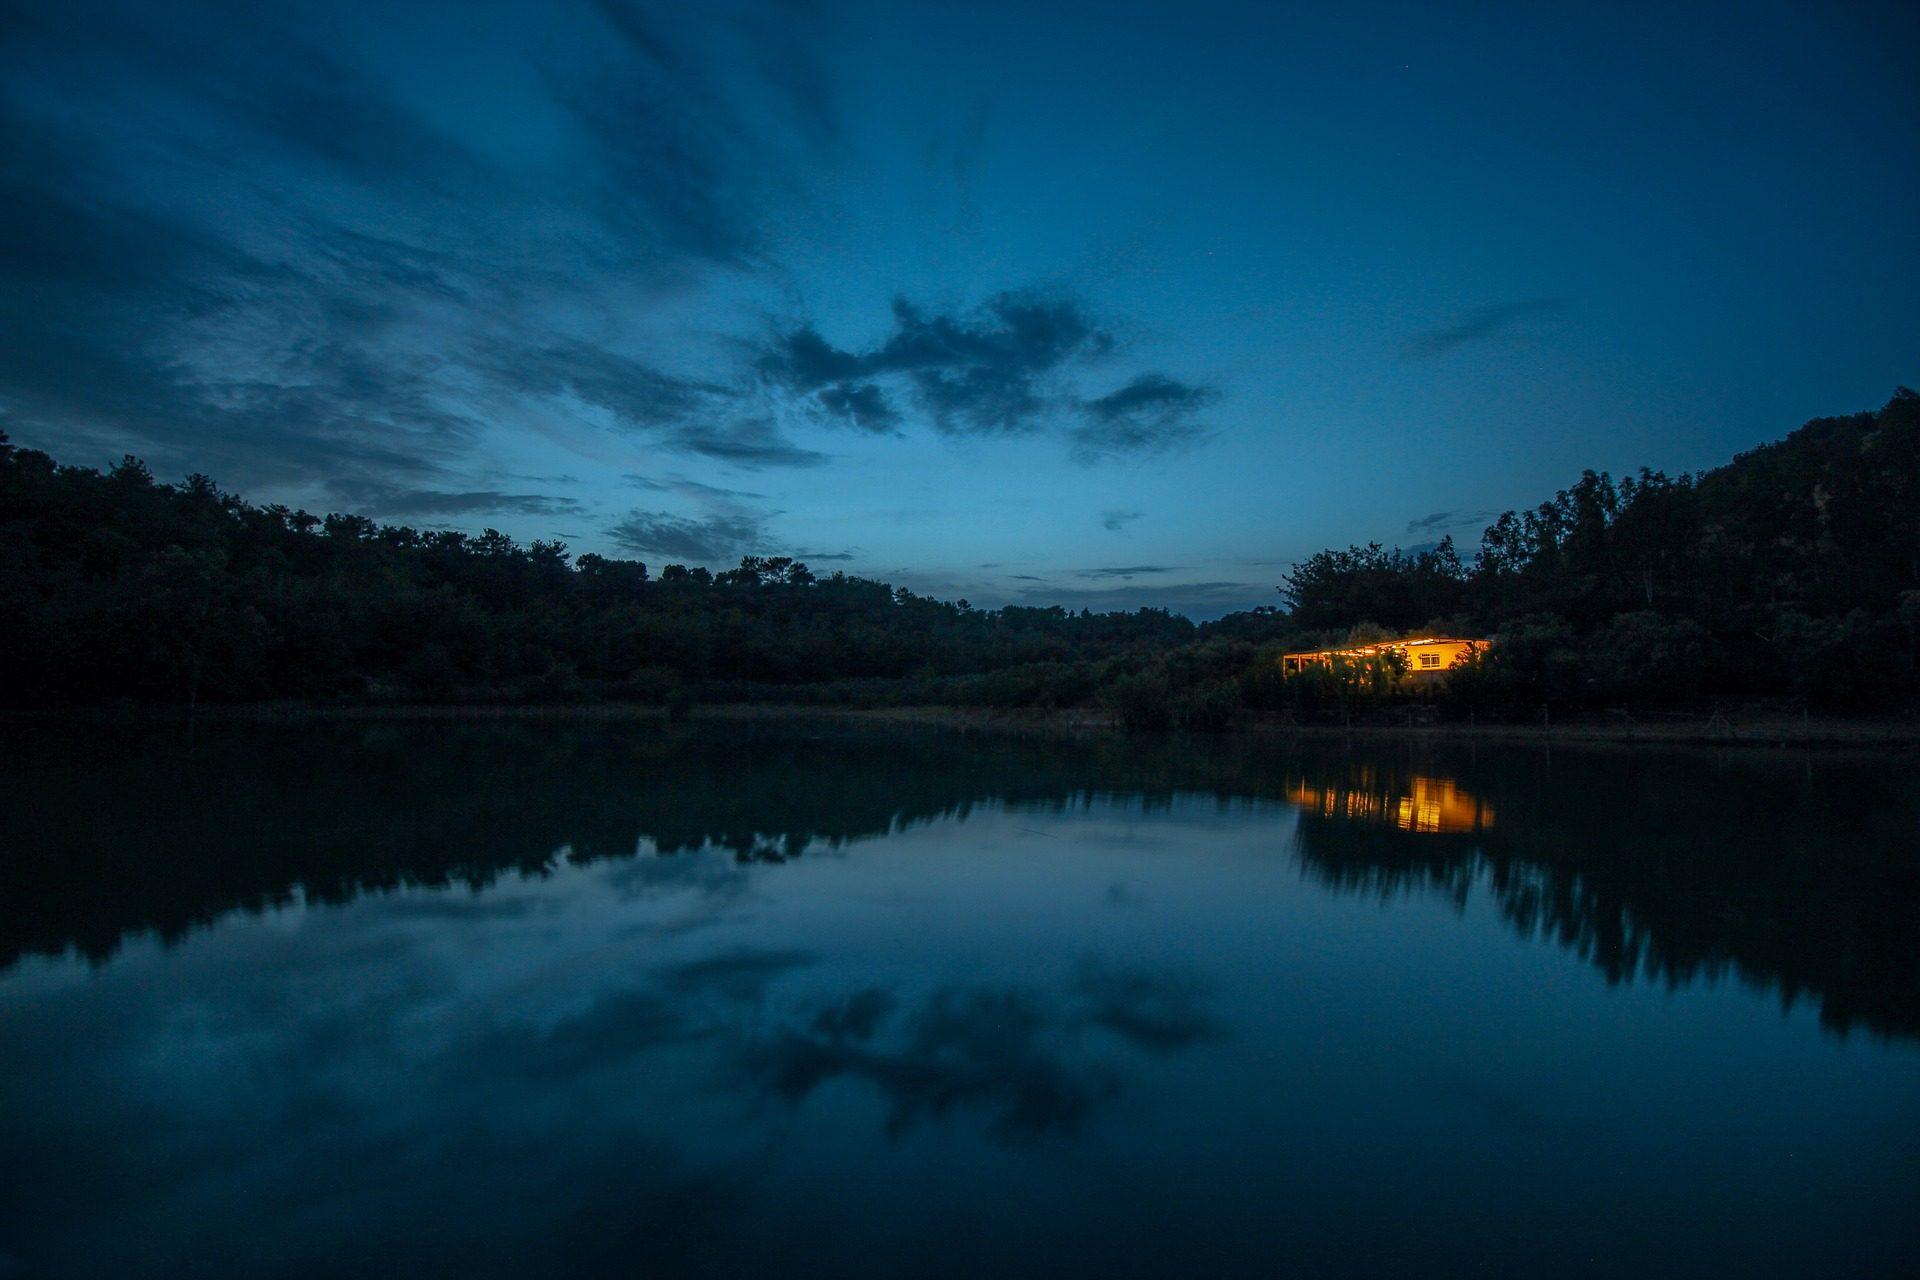 湖, 反思, 房子, 光, 树木, 黄昏 - 高清壁纸 - 教授-falken.com